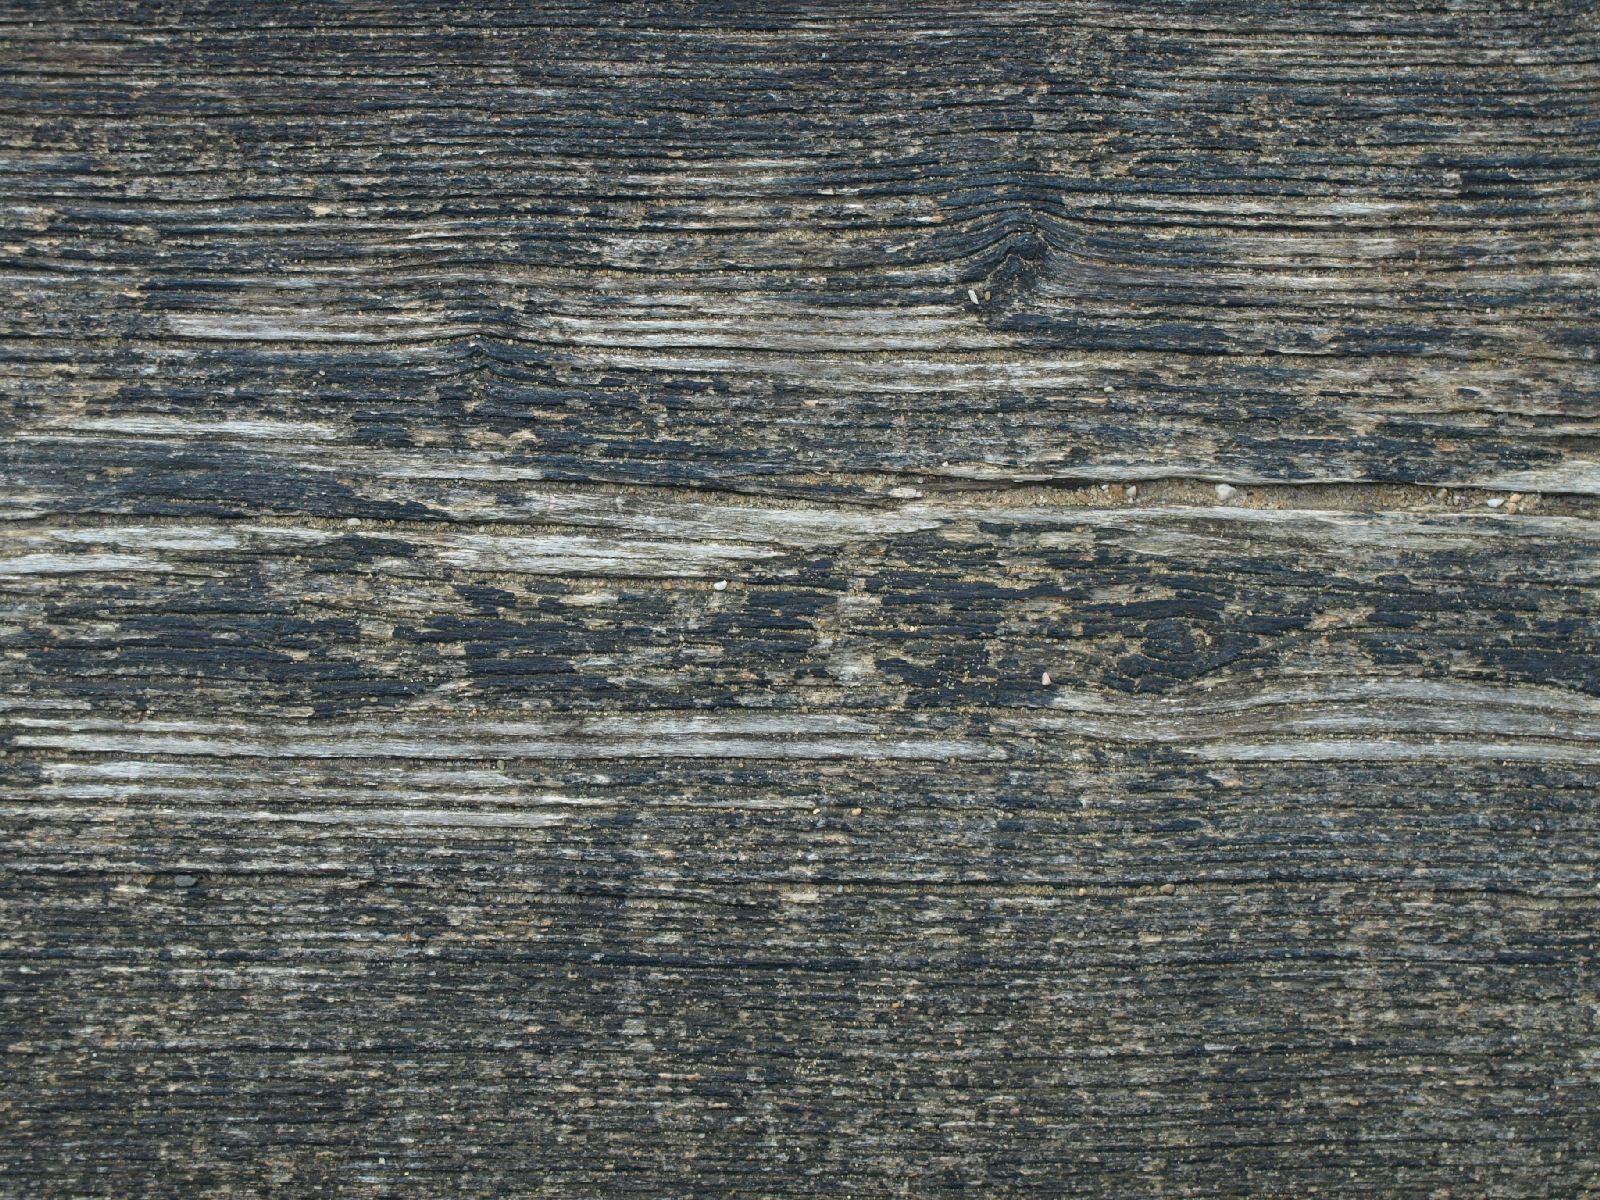 Holz_Textur_A_P8154265